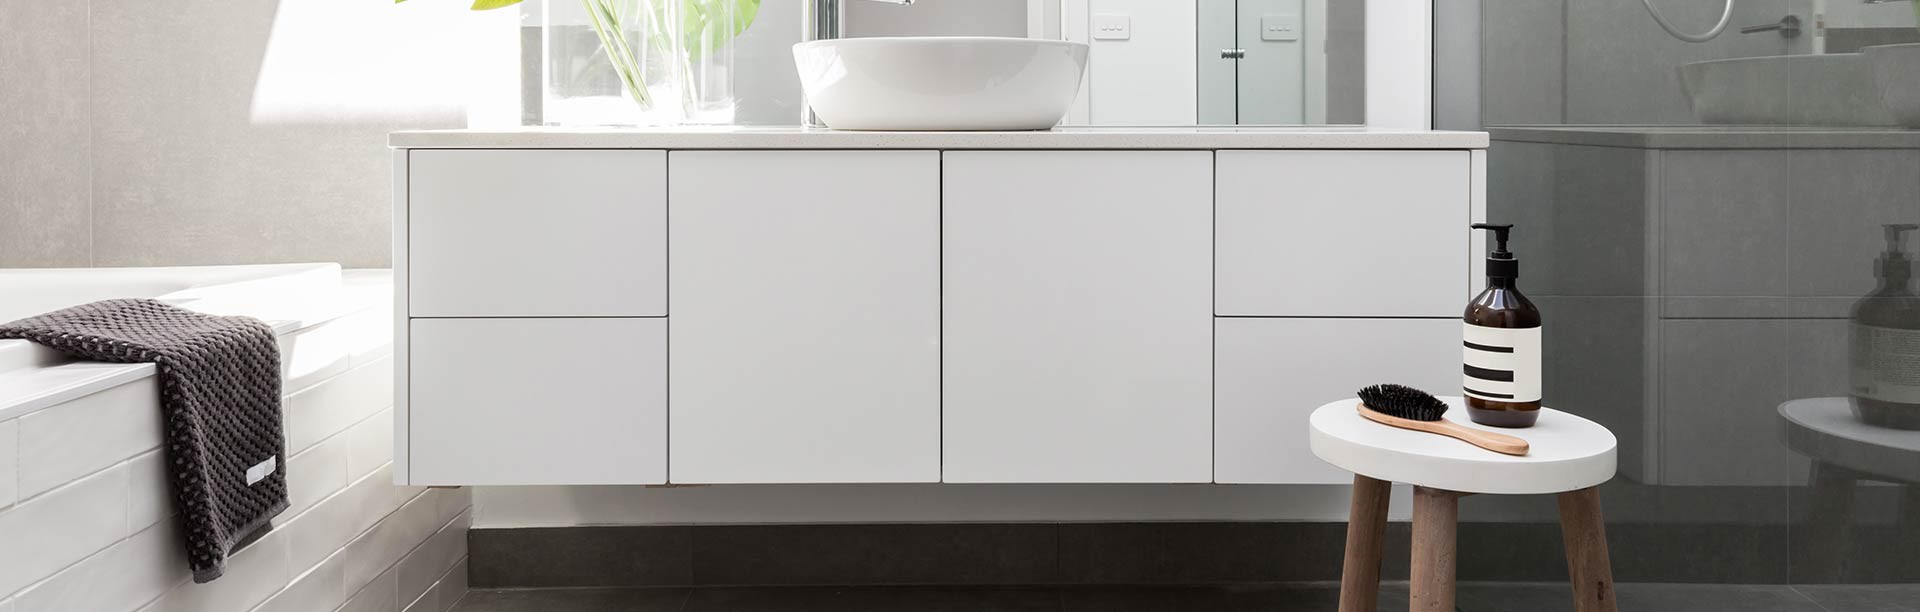 Badezimmerschank nach Maß - konfigurieren und bestellen | schrankwerk.de